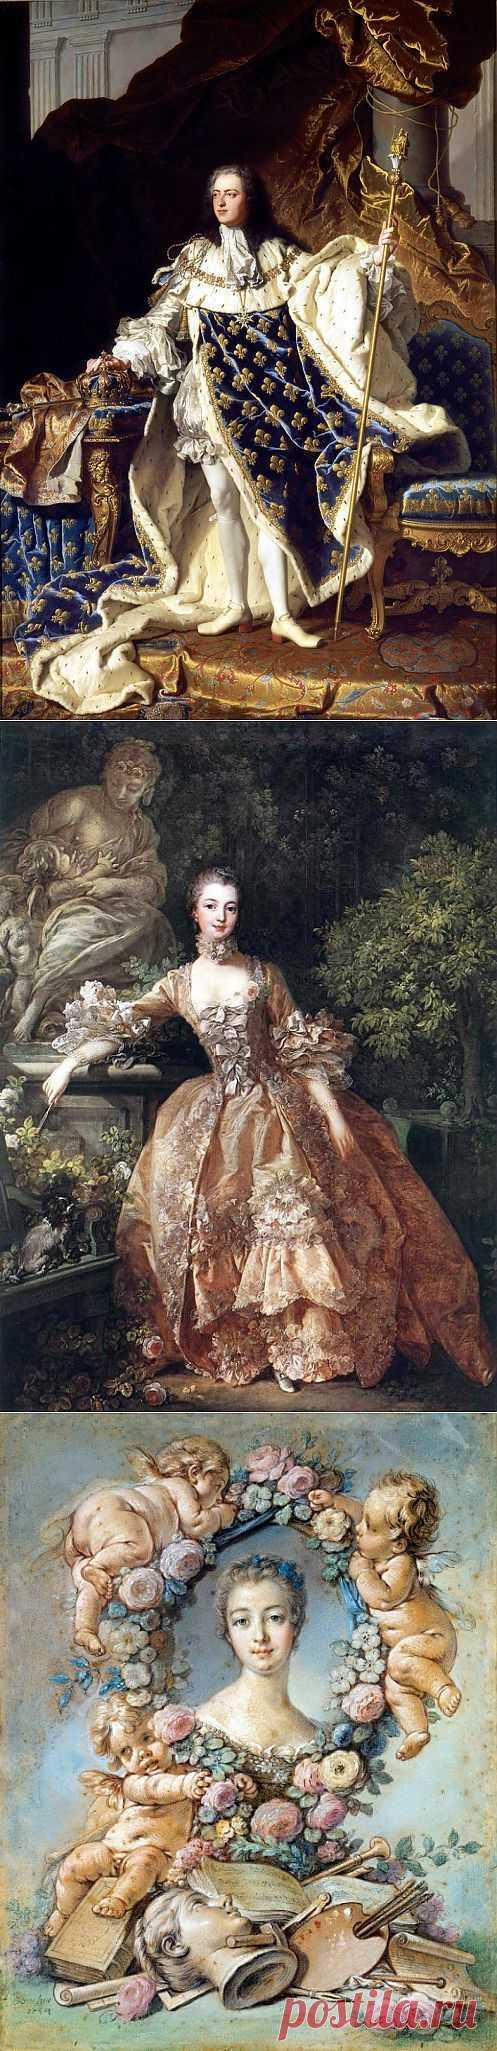 Маркиза де Помпадур или некоронованная Королева Франции | Искусство